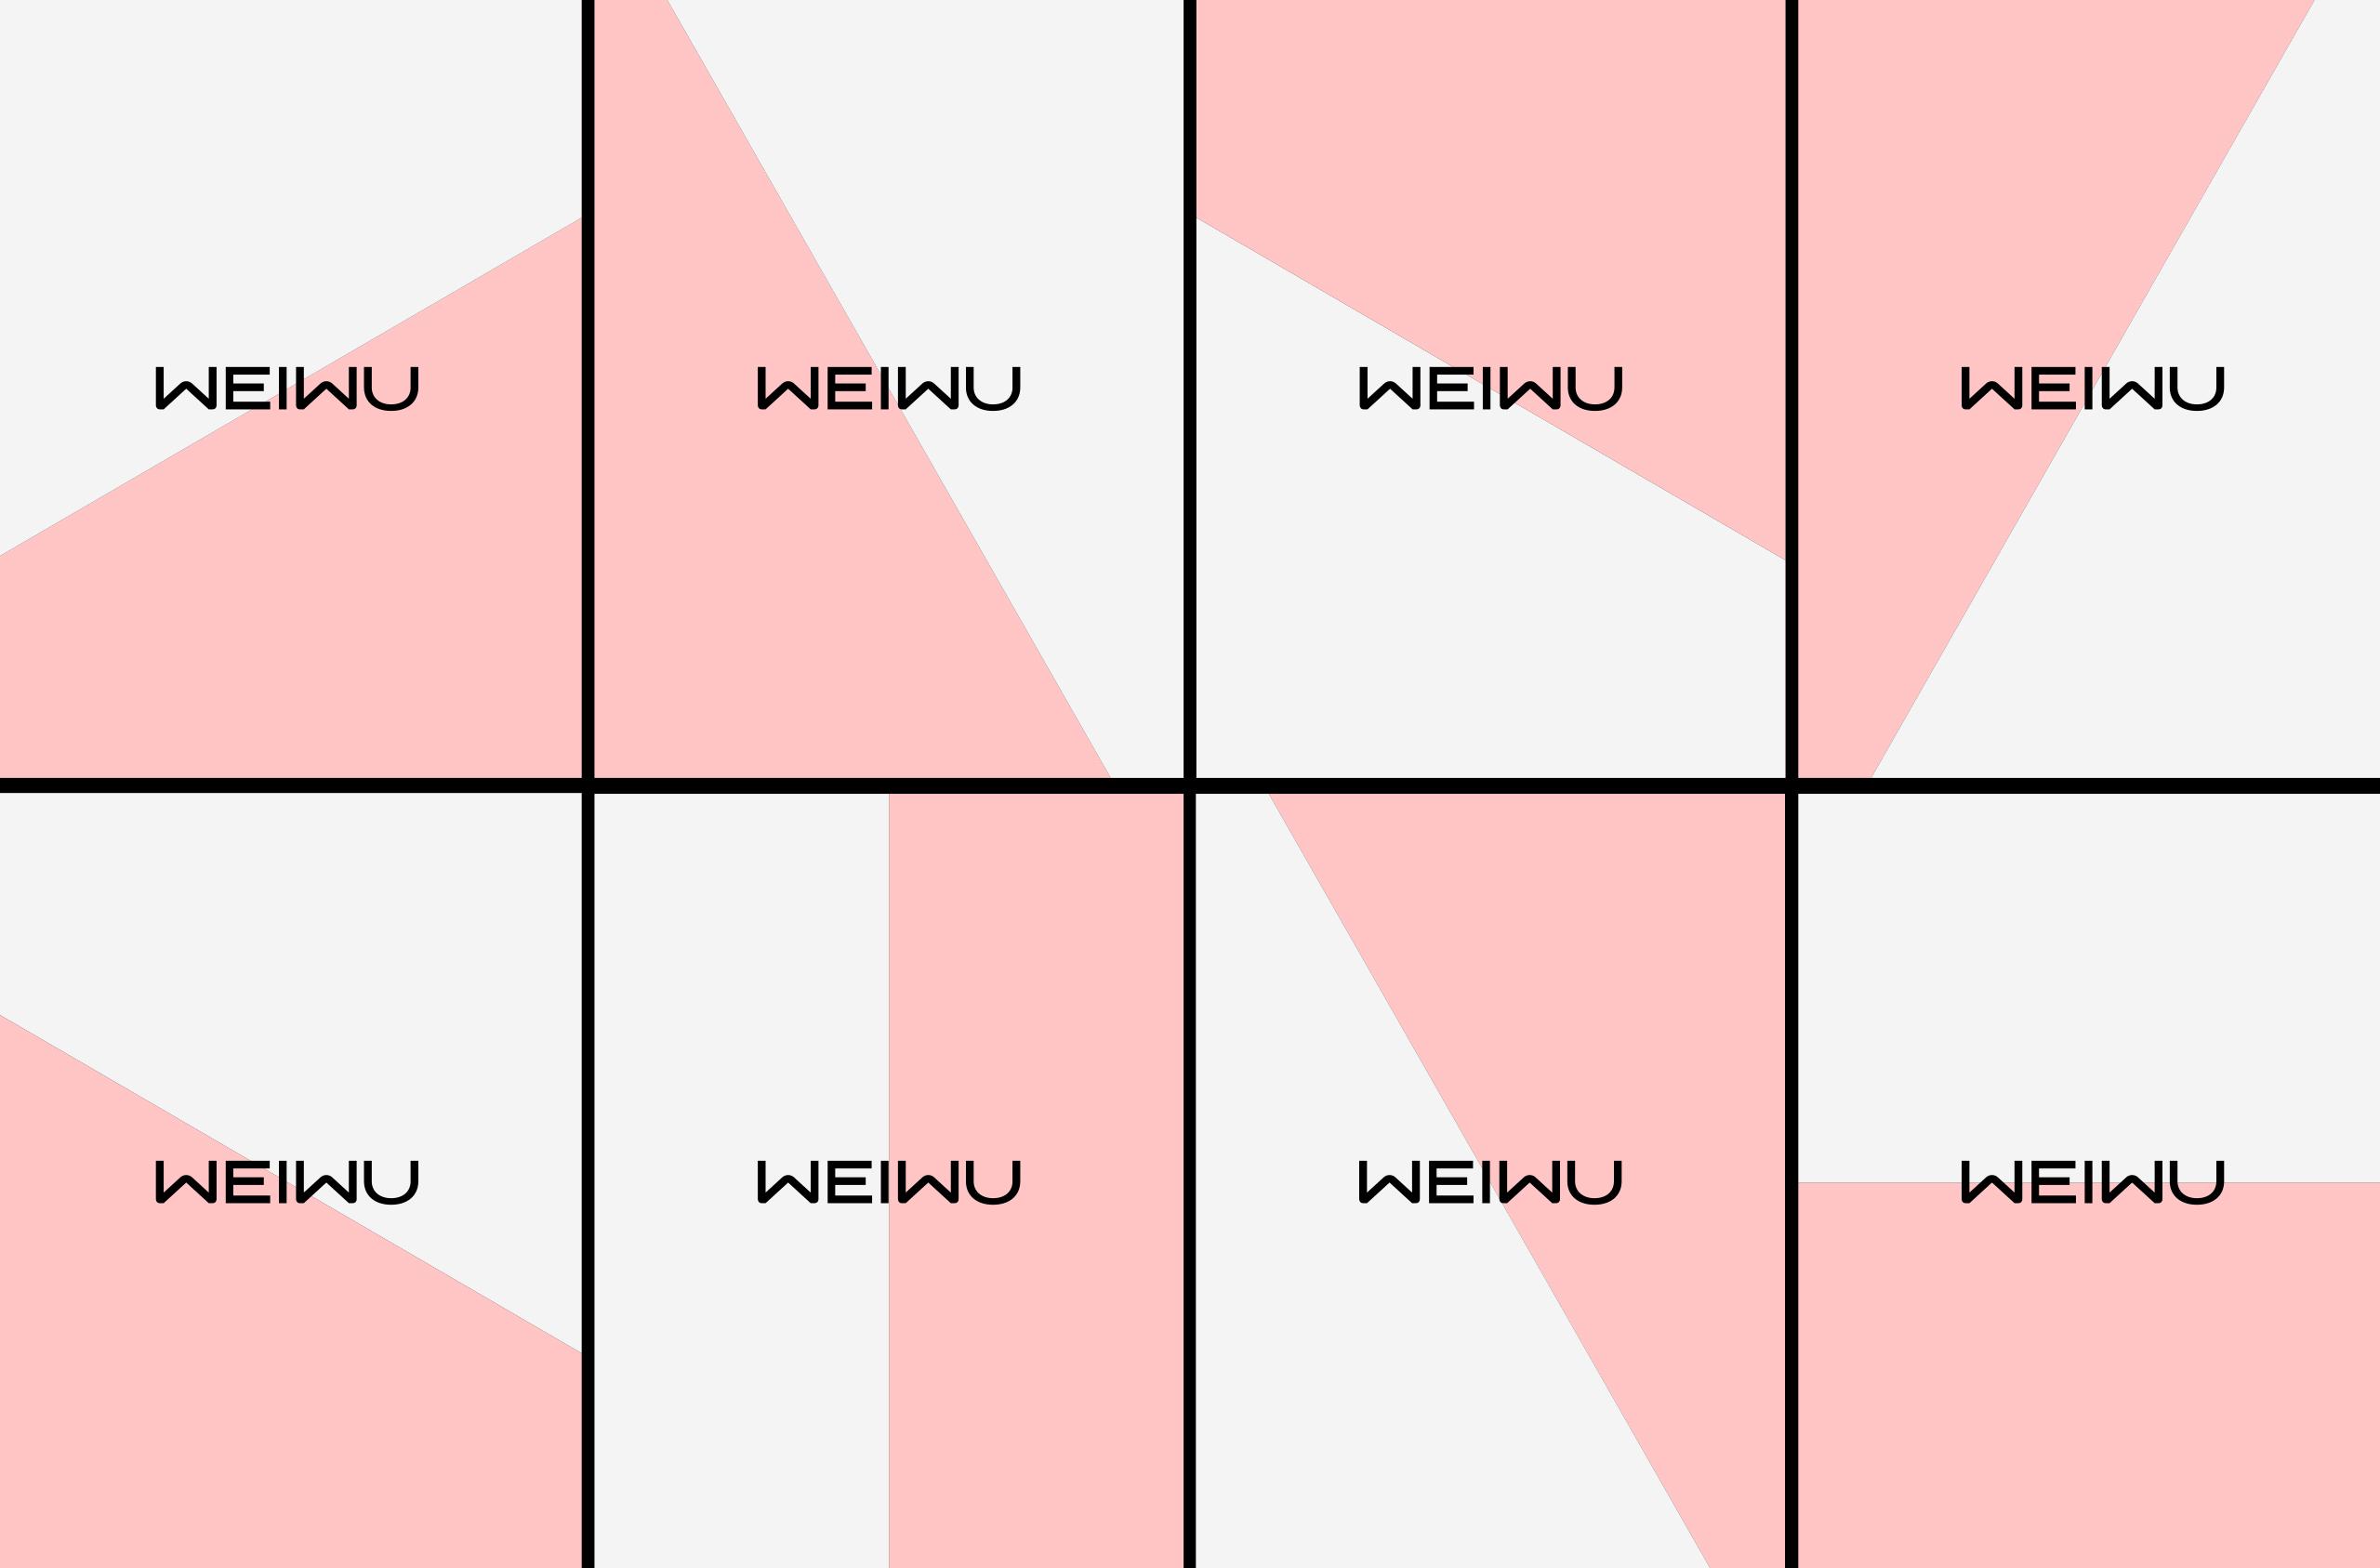 QIU_Weiwu_6